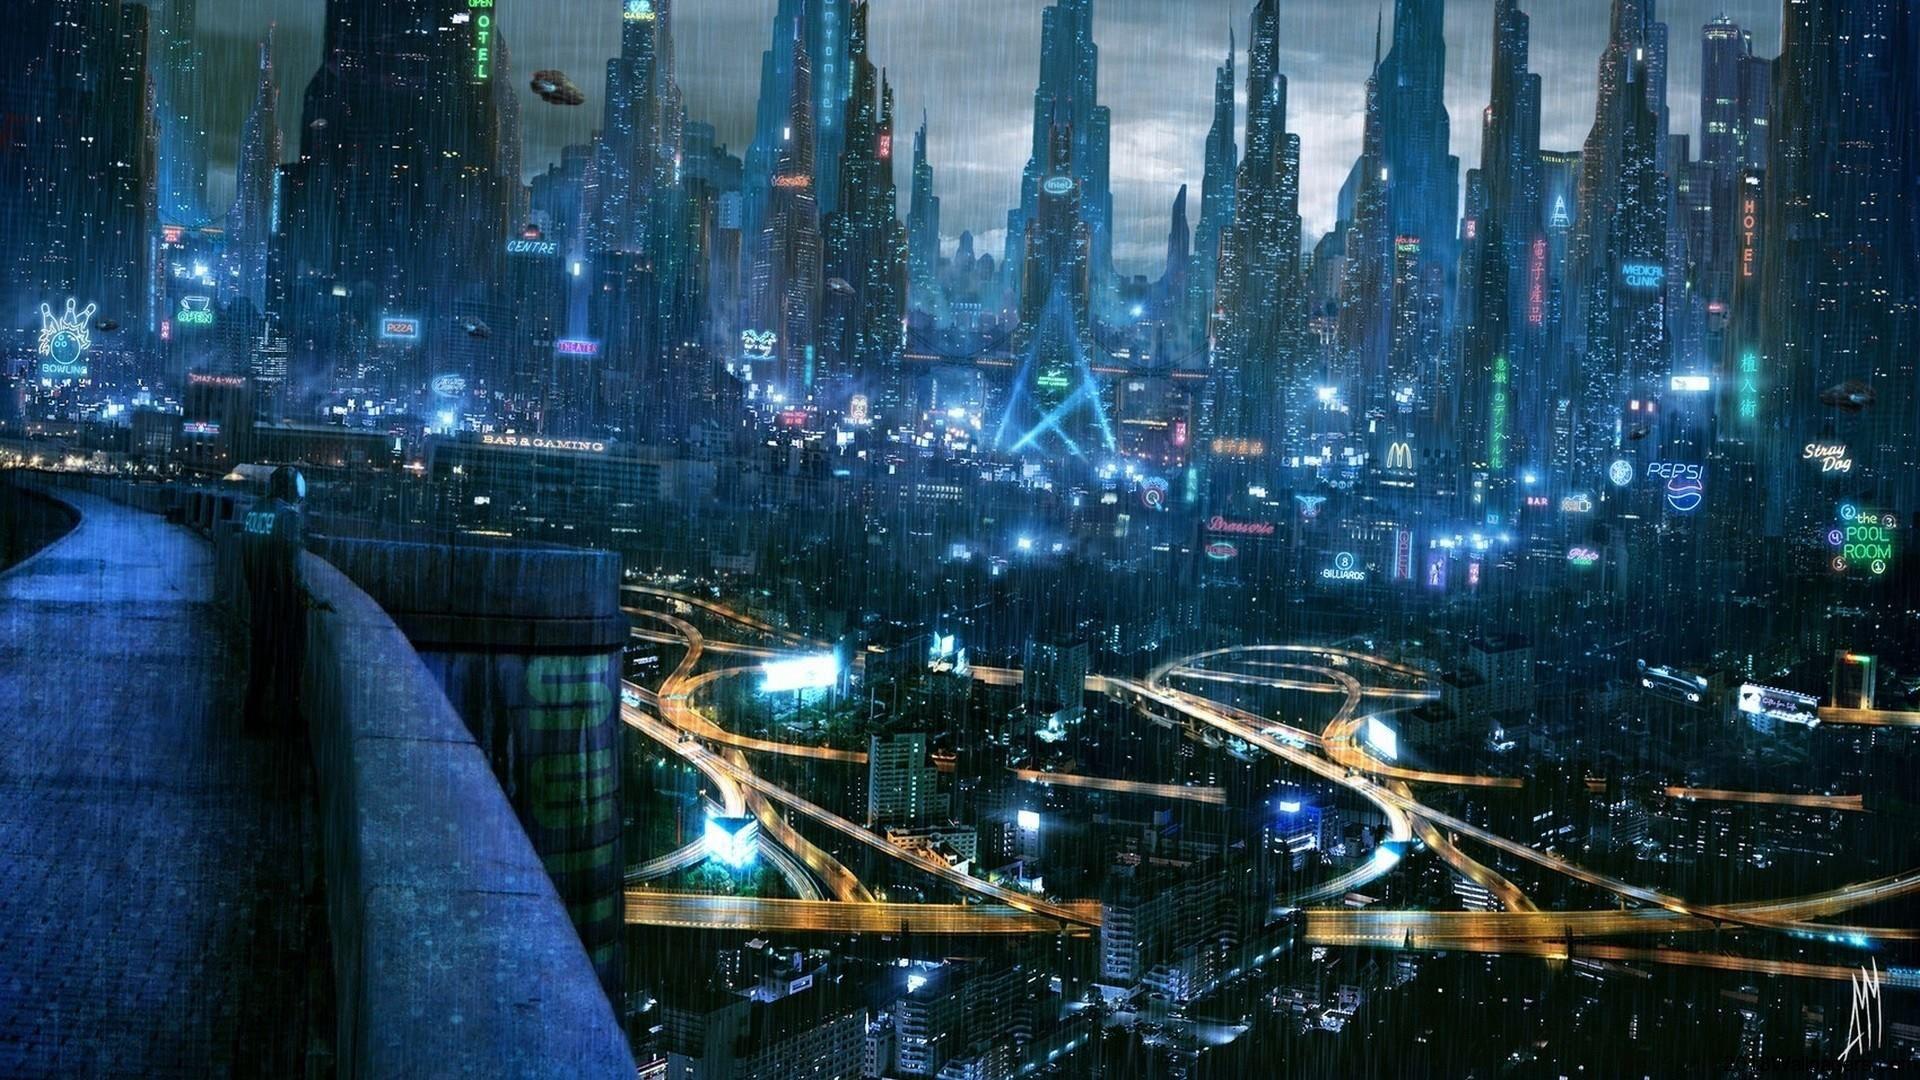 Cyberpunk Futuristic City Wallpaper Futuristic City Cyberpunk City Sci Fi City